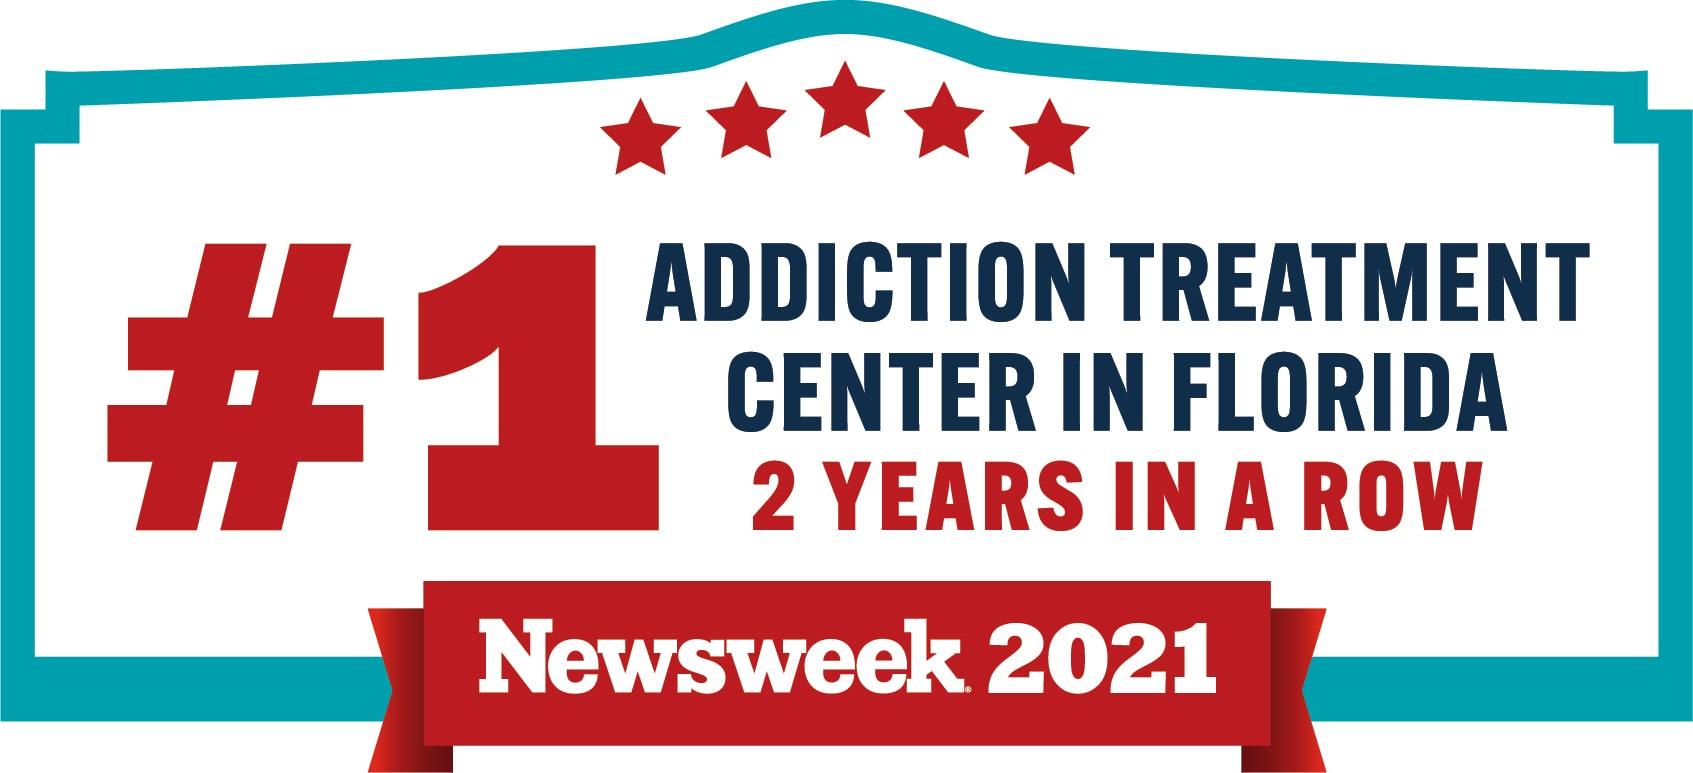 best addiction treatment center logo 2021 final min